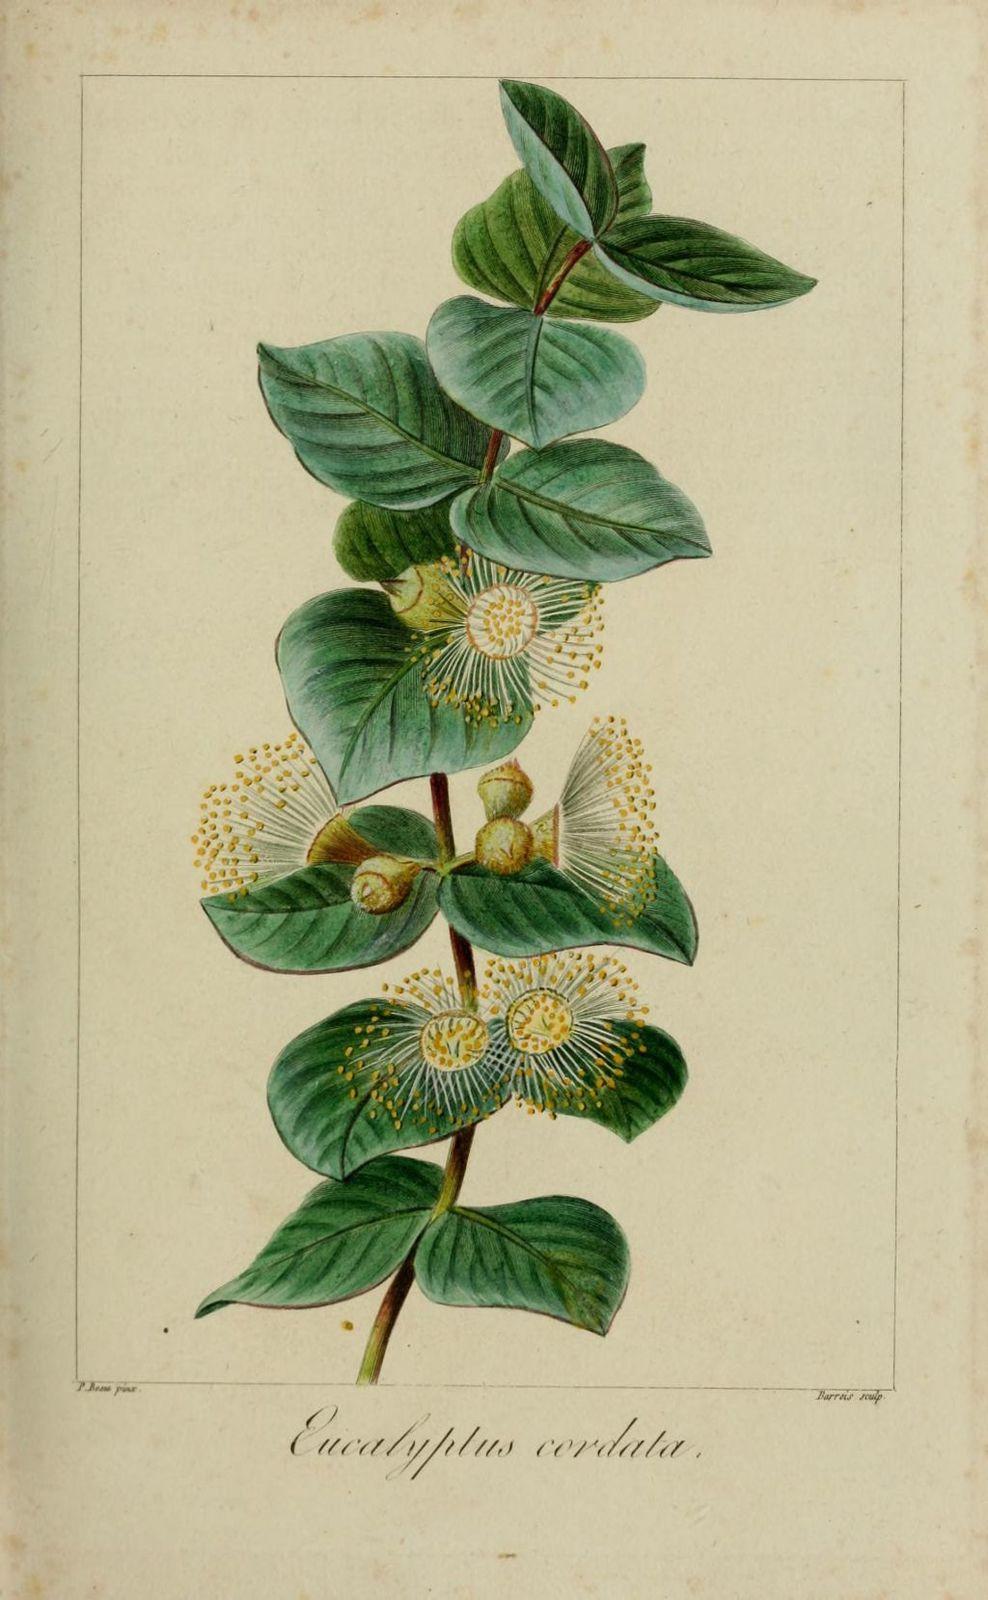 60163 eucalyptus a feuilles en coeur - eucalyptus cordata